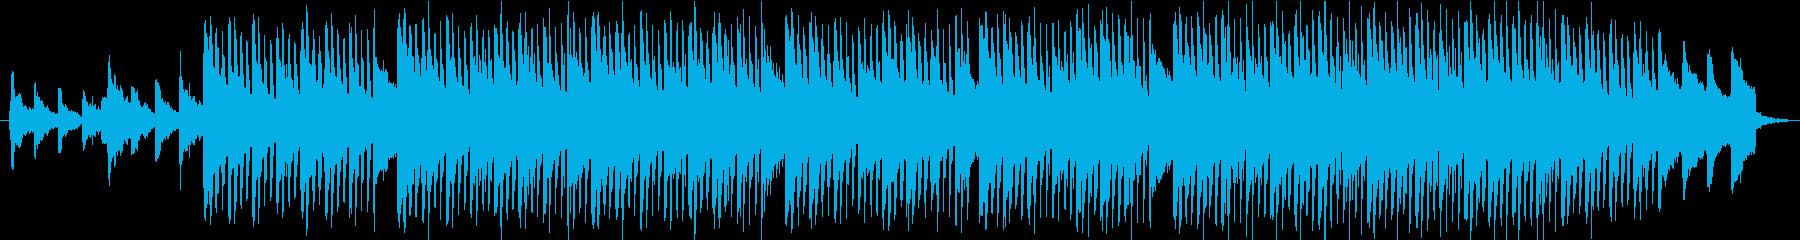 【コーポレート音楽】落ち着く・トロピカルの再生済みの波形